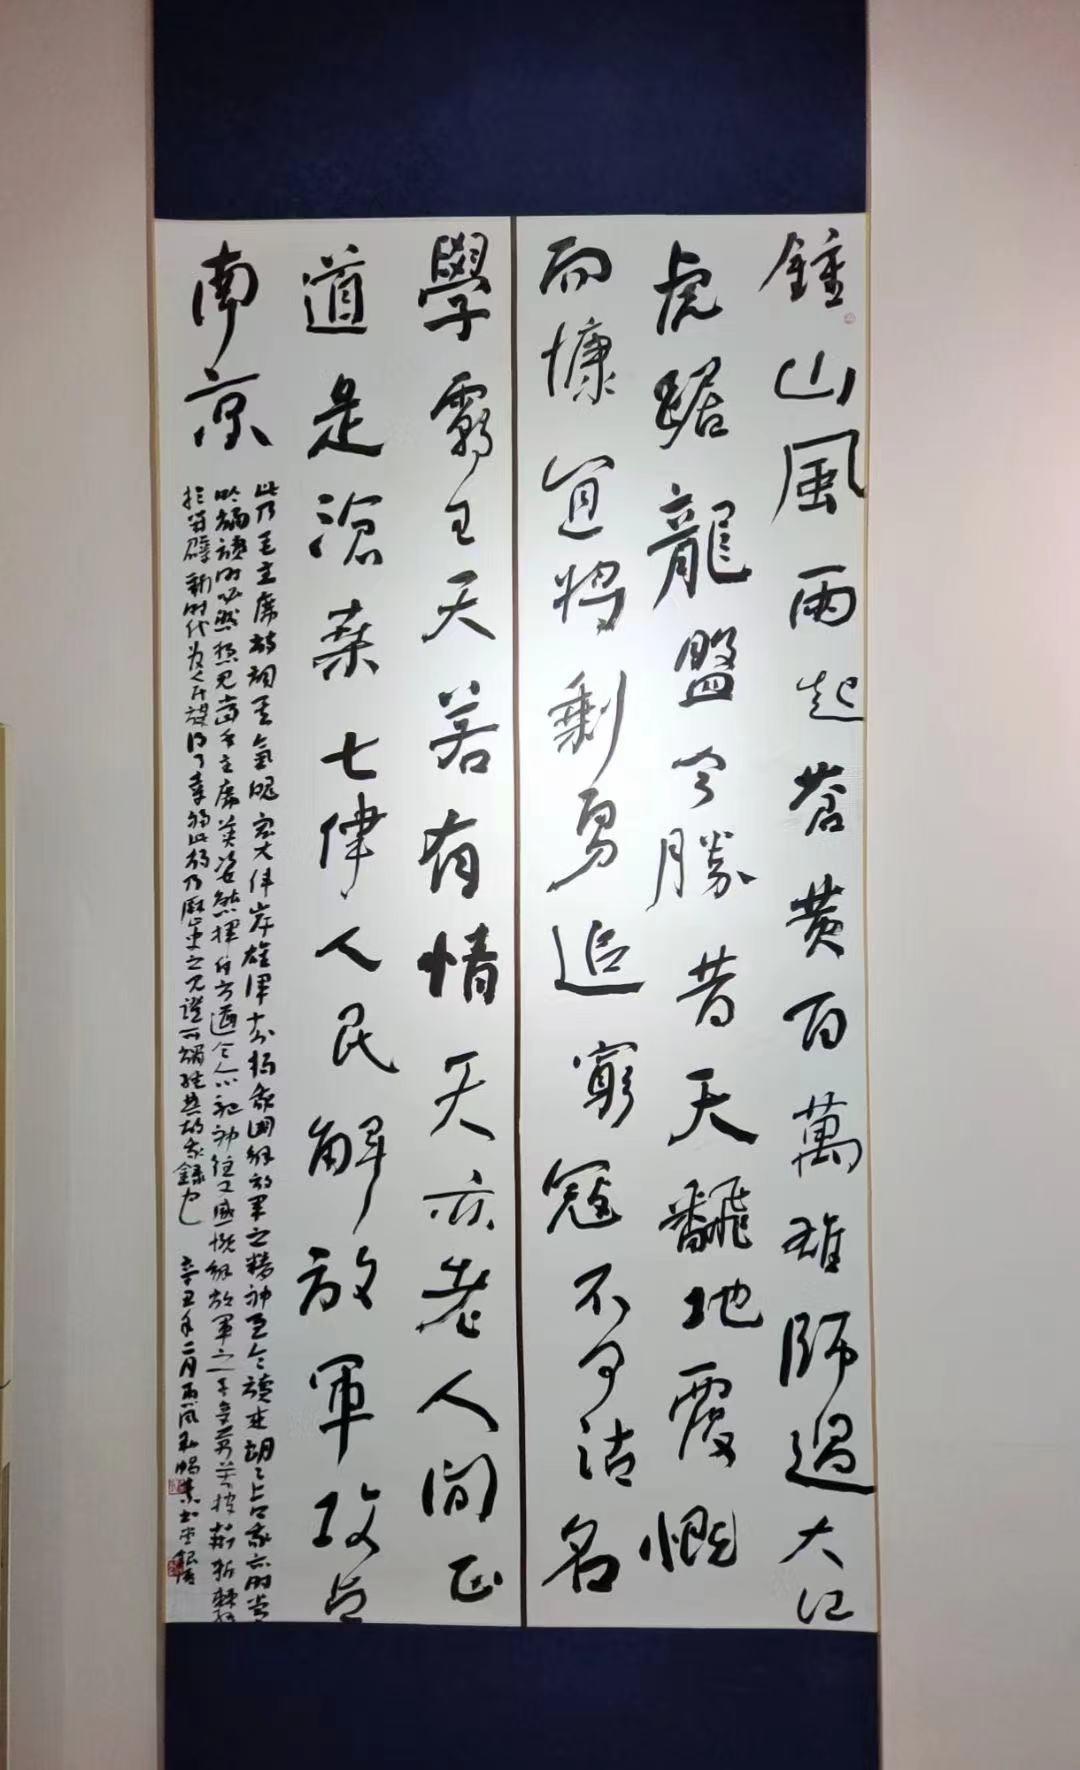 九月的歌—–中山市三乡镇优秀书画作品展在成荣美术馆开幕插图(13)